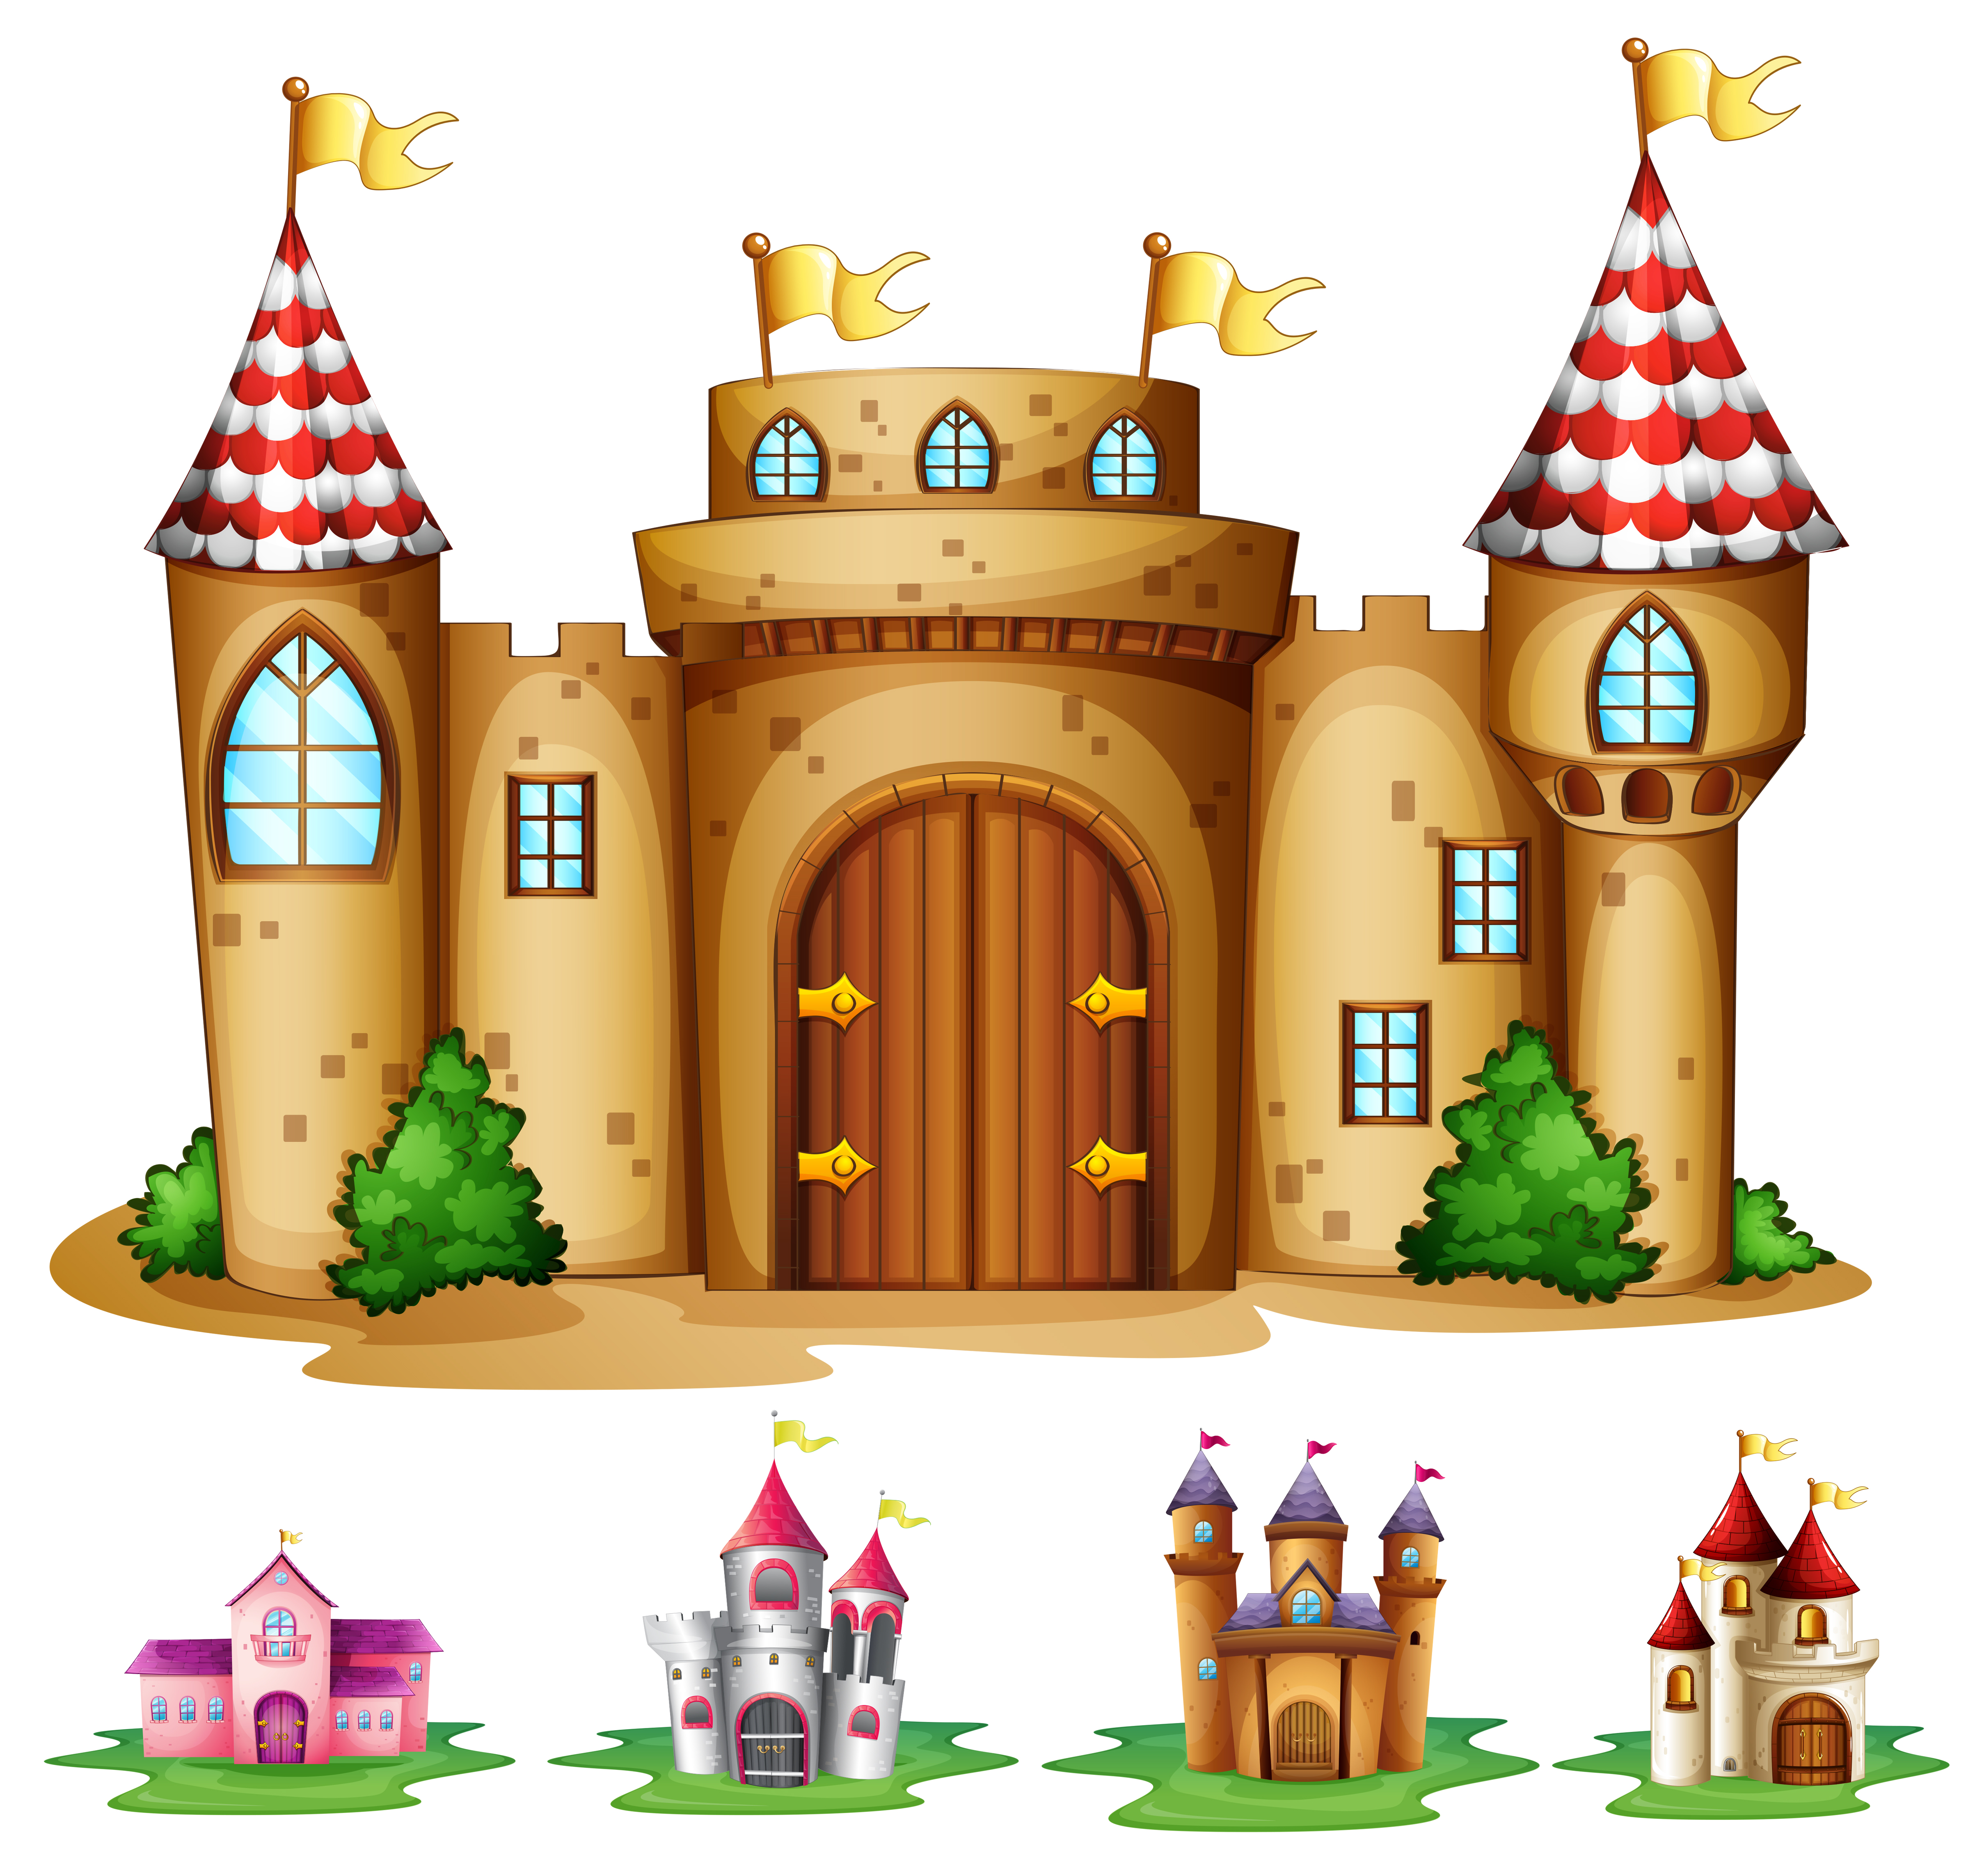 城堡圖片 免費下載 | 天天瘋後製